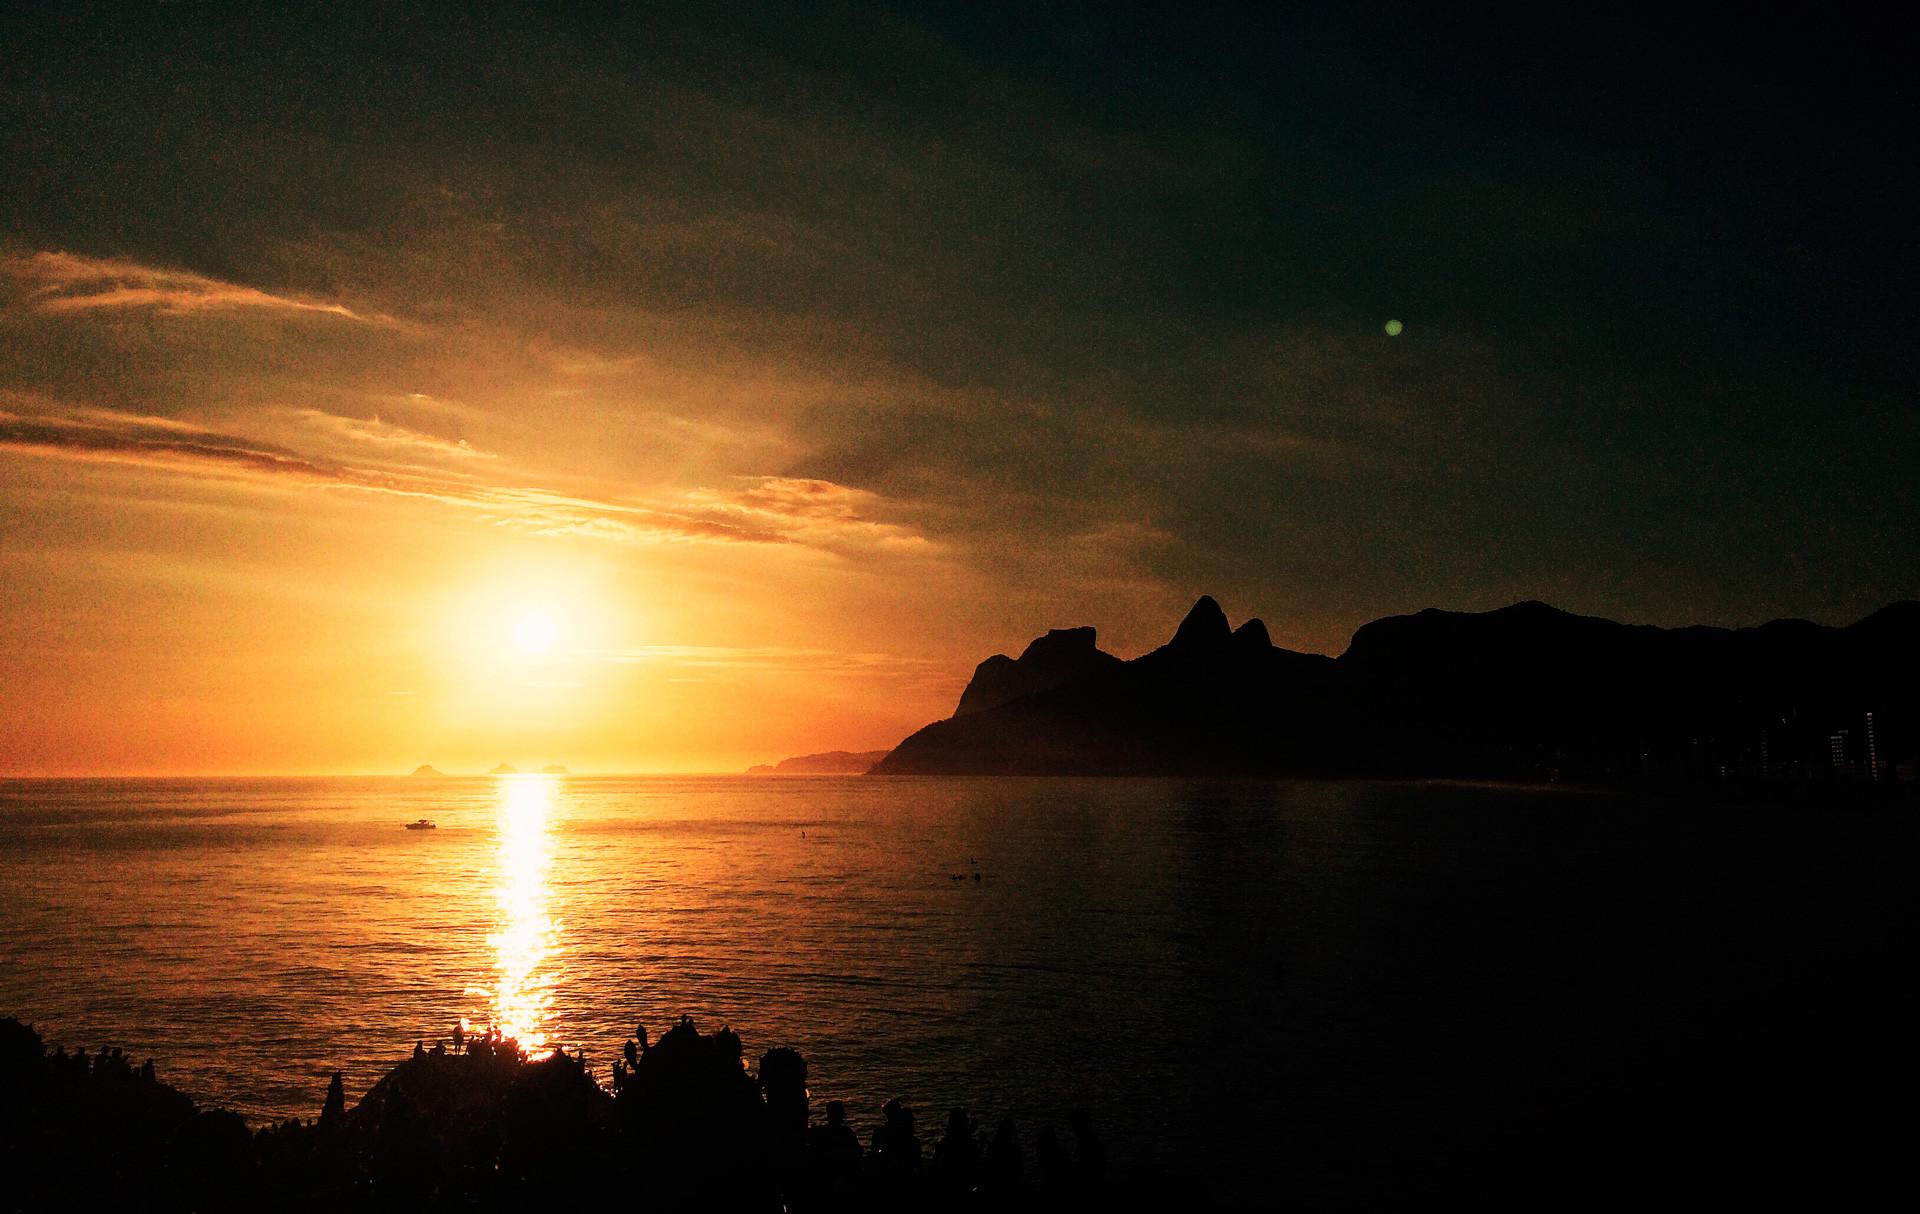 por-do-sol-rio-de-janeiro-mariana-pekin-fotografia